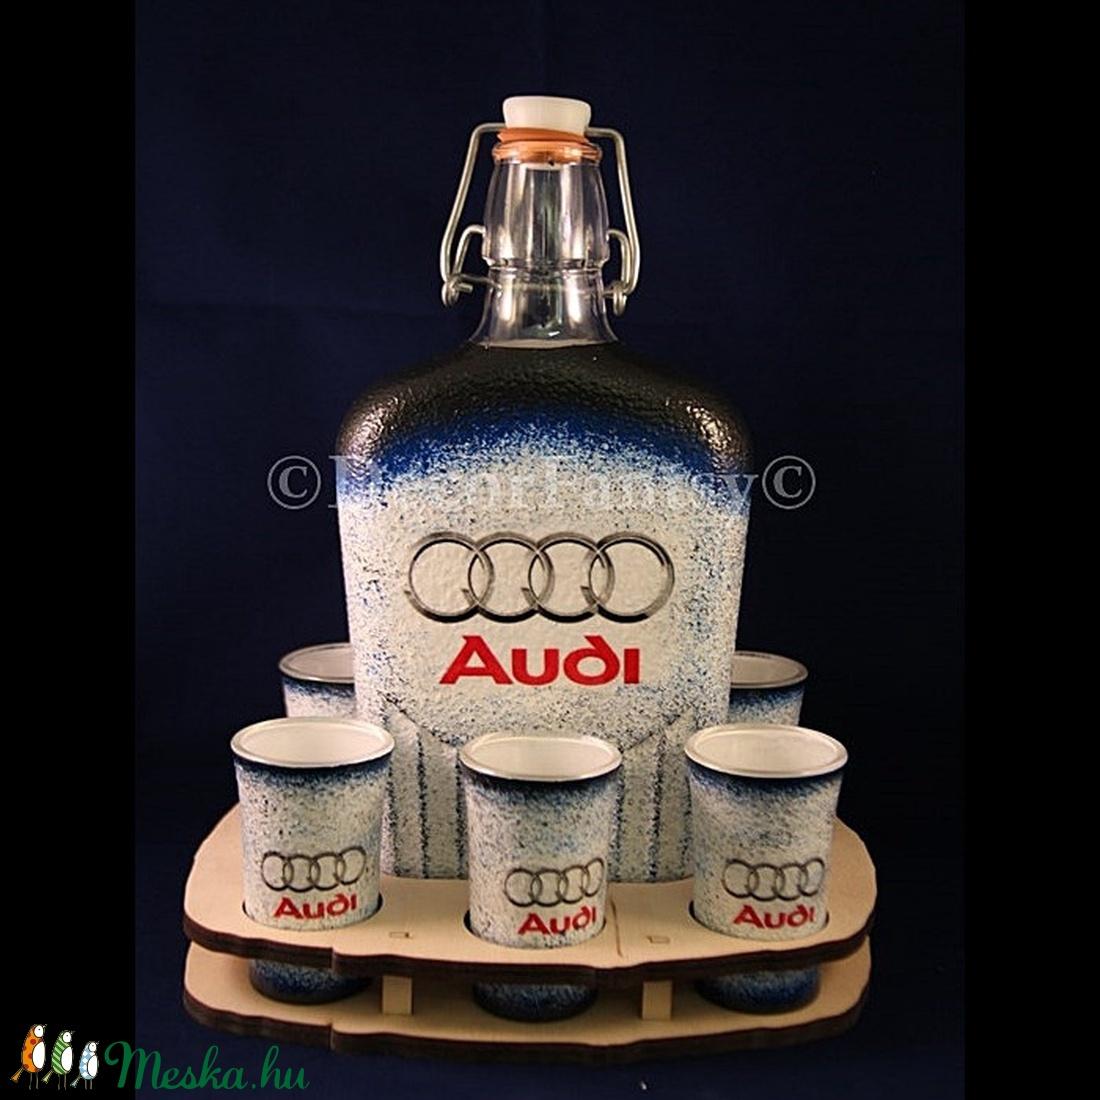 AUDI   emblémával díszített italos szett ( 0,5 l üveg + 6x45 ml pohár + FAtartó )  (decorfantasy) - Meska.hu